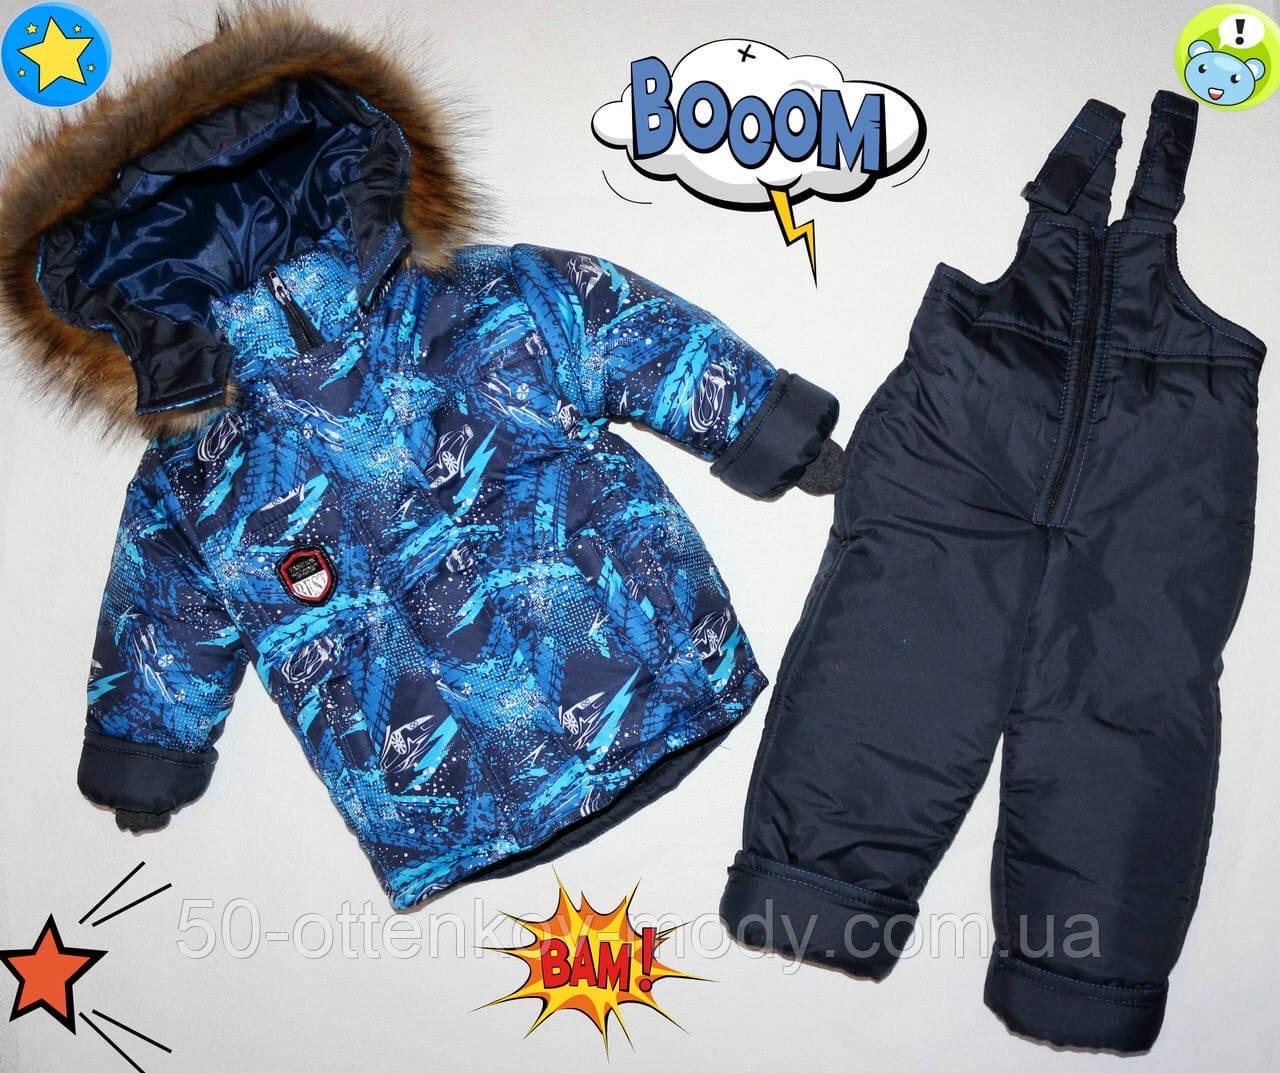 Зимний комбинезон и куртка на мальчика на овчине